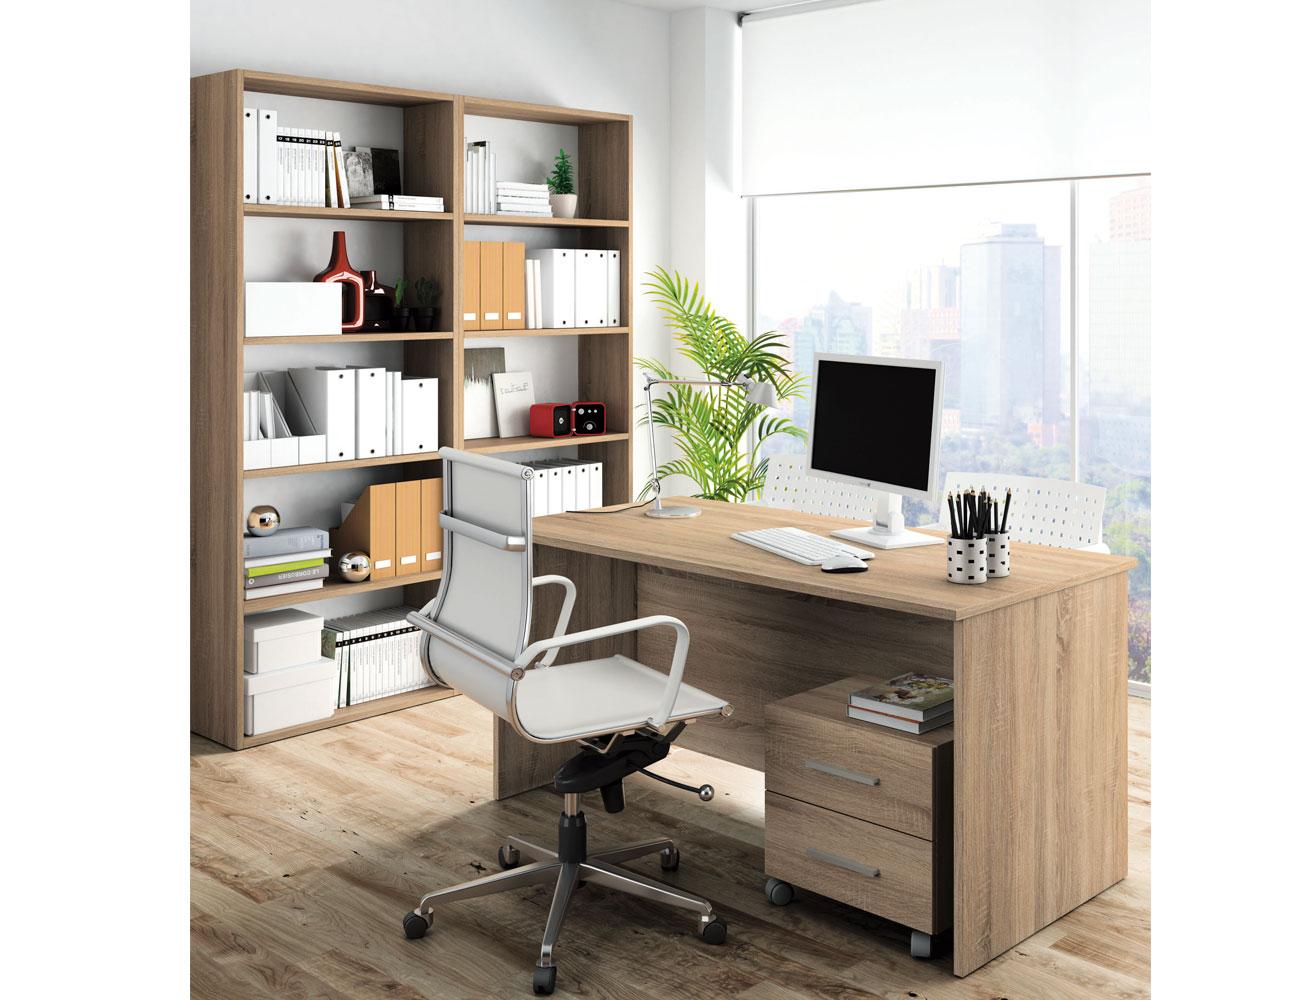 Muebles de oficina o despachos en color cambrian 5455 for Color cambrian muebles